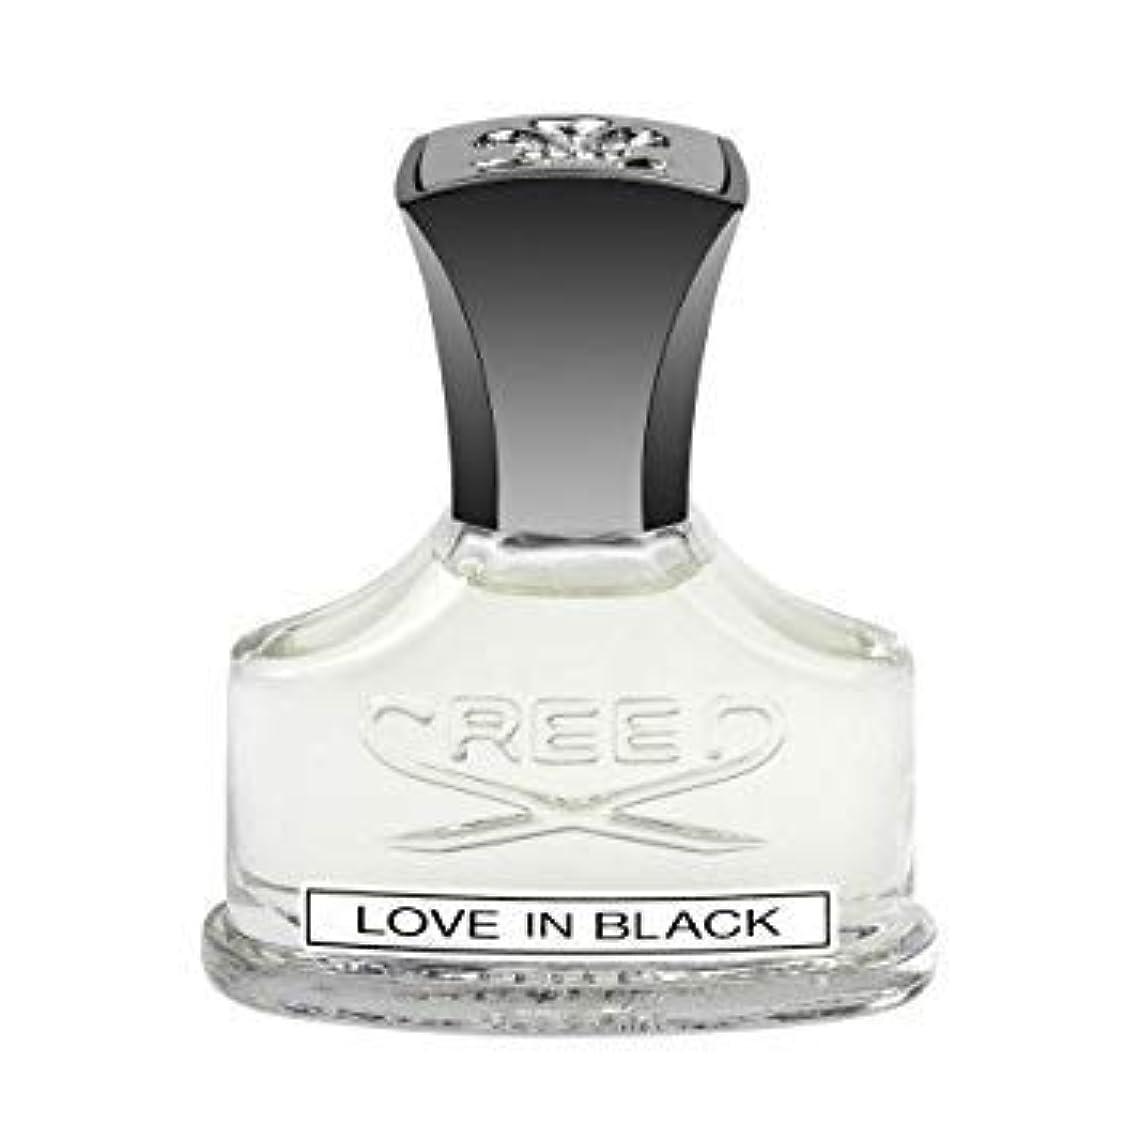 アライメント有効過度にCreed Love In Black (クリード ラブインブラック) 1.0 oz (30ml) EDP Spray Unboxed(箱なし)by Creed for Women